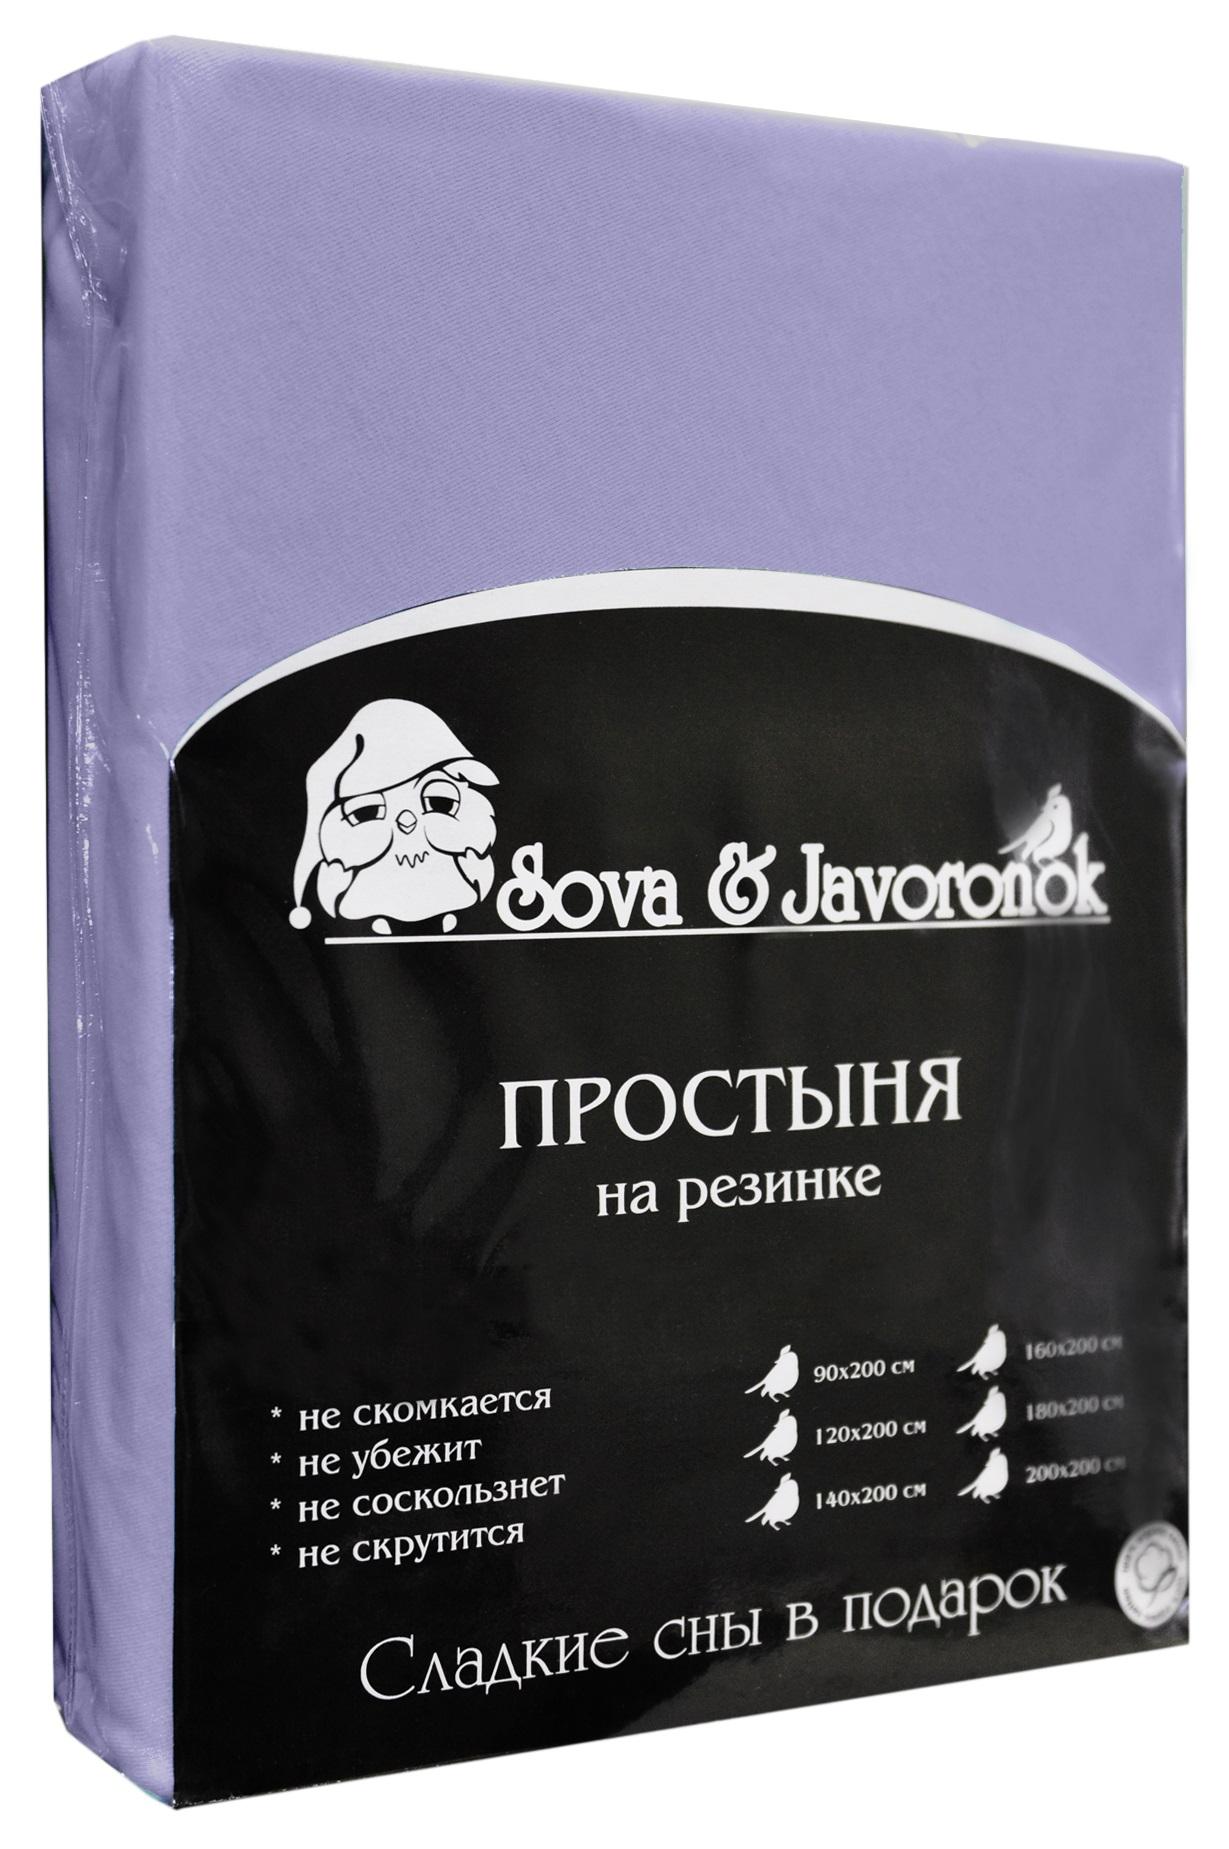 Простыня на резинке Sova & Javoronok, цвет: фиолетовый, 160 см х 200 см0803113696Простыня на резинке Sova & Javoronok, изготовленная из трикотажной ткани (100% хлопок), будет превосходно смотреться с любыми комплектами белья. Хлопчатобумажный трикотаж по праву считается одним из самых качественных, прочных и при этом приятных на ощупь. Его гигиеничность позволяет использовать простыню и в детских комнатах, к тому же 100%-ый хлопок в составе ткани не вызовет аллергии. У трикотажного полотна очень интересная структура, немного рыхлая за счет отсутствия плотного переплетения нитей и наличия особых петель, благодаря этому простыня Сова и Жаворонок отлично пропускает воздух и способствует его постоянной циркуляции. Поэтому ваша постель будет всегда оставаться свежей. Но главное и, пожалуй, самое известное свойство трикотажа - это его великолепная растяжимость, поэтому эта ткань и была выбрана для натяжной простыни на резинке. Простыня прошита резинкой по всему периметру, что обеспечивает более комфортный отдых, так как она прочно удерживается на матрасе и...